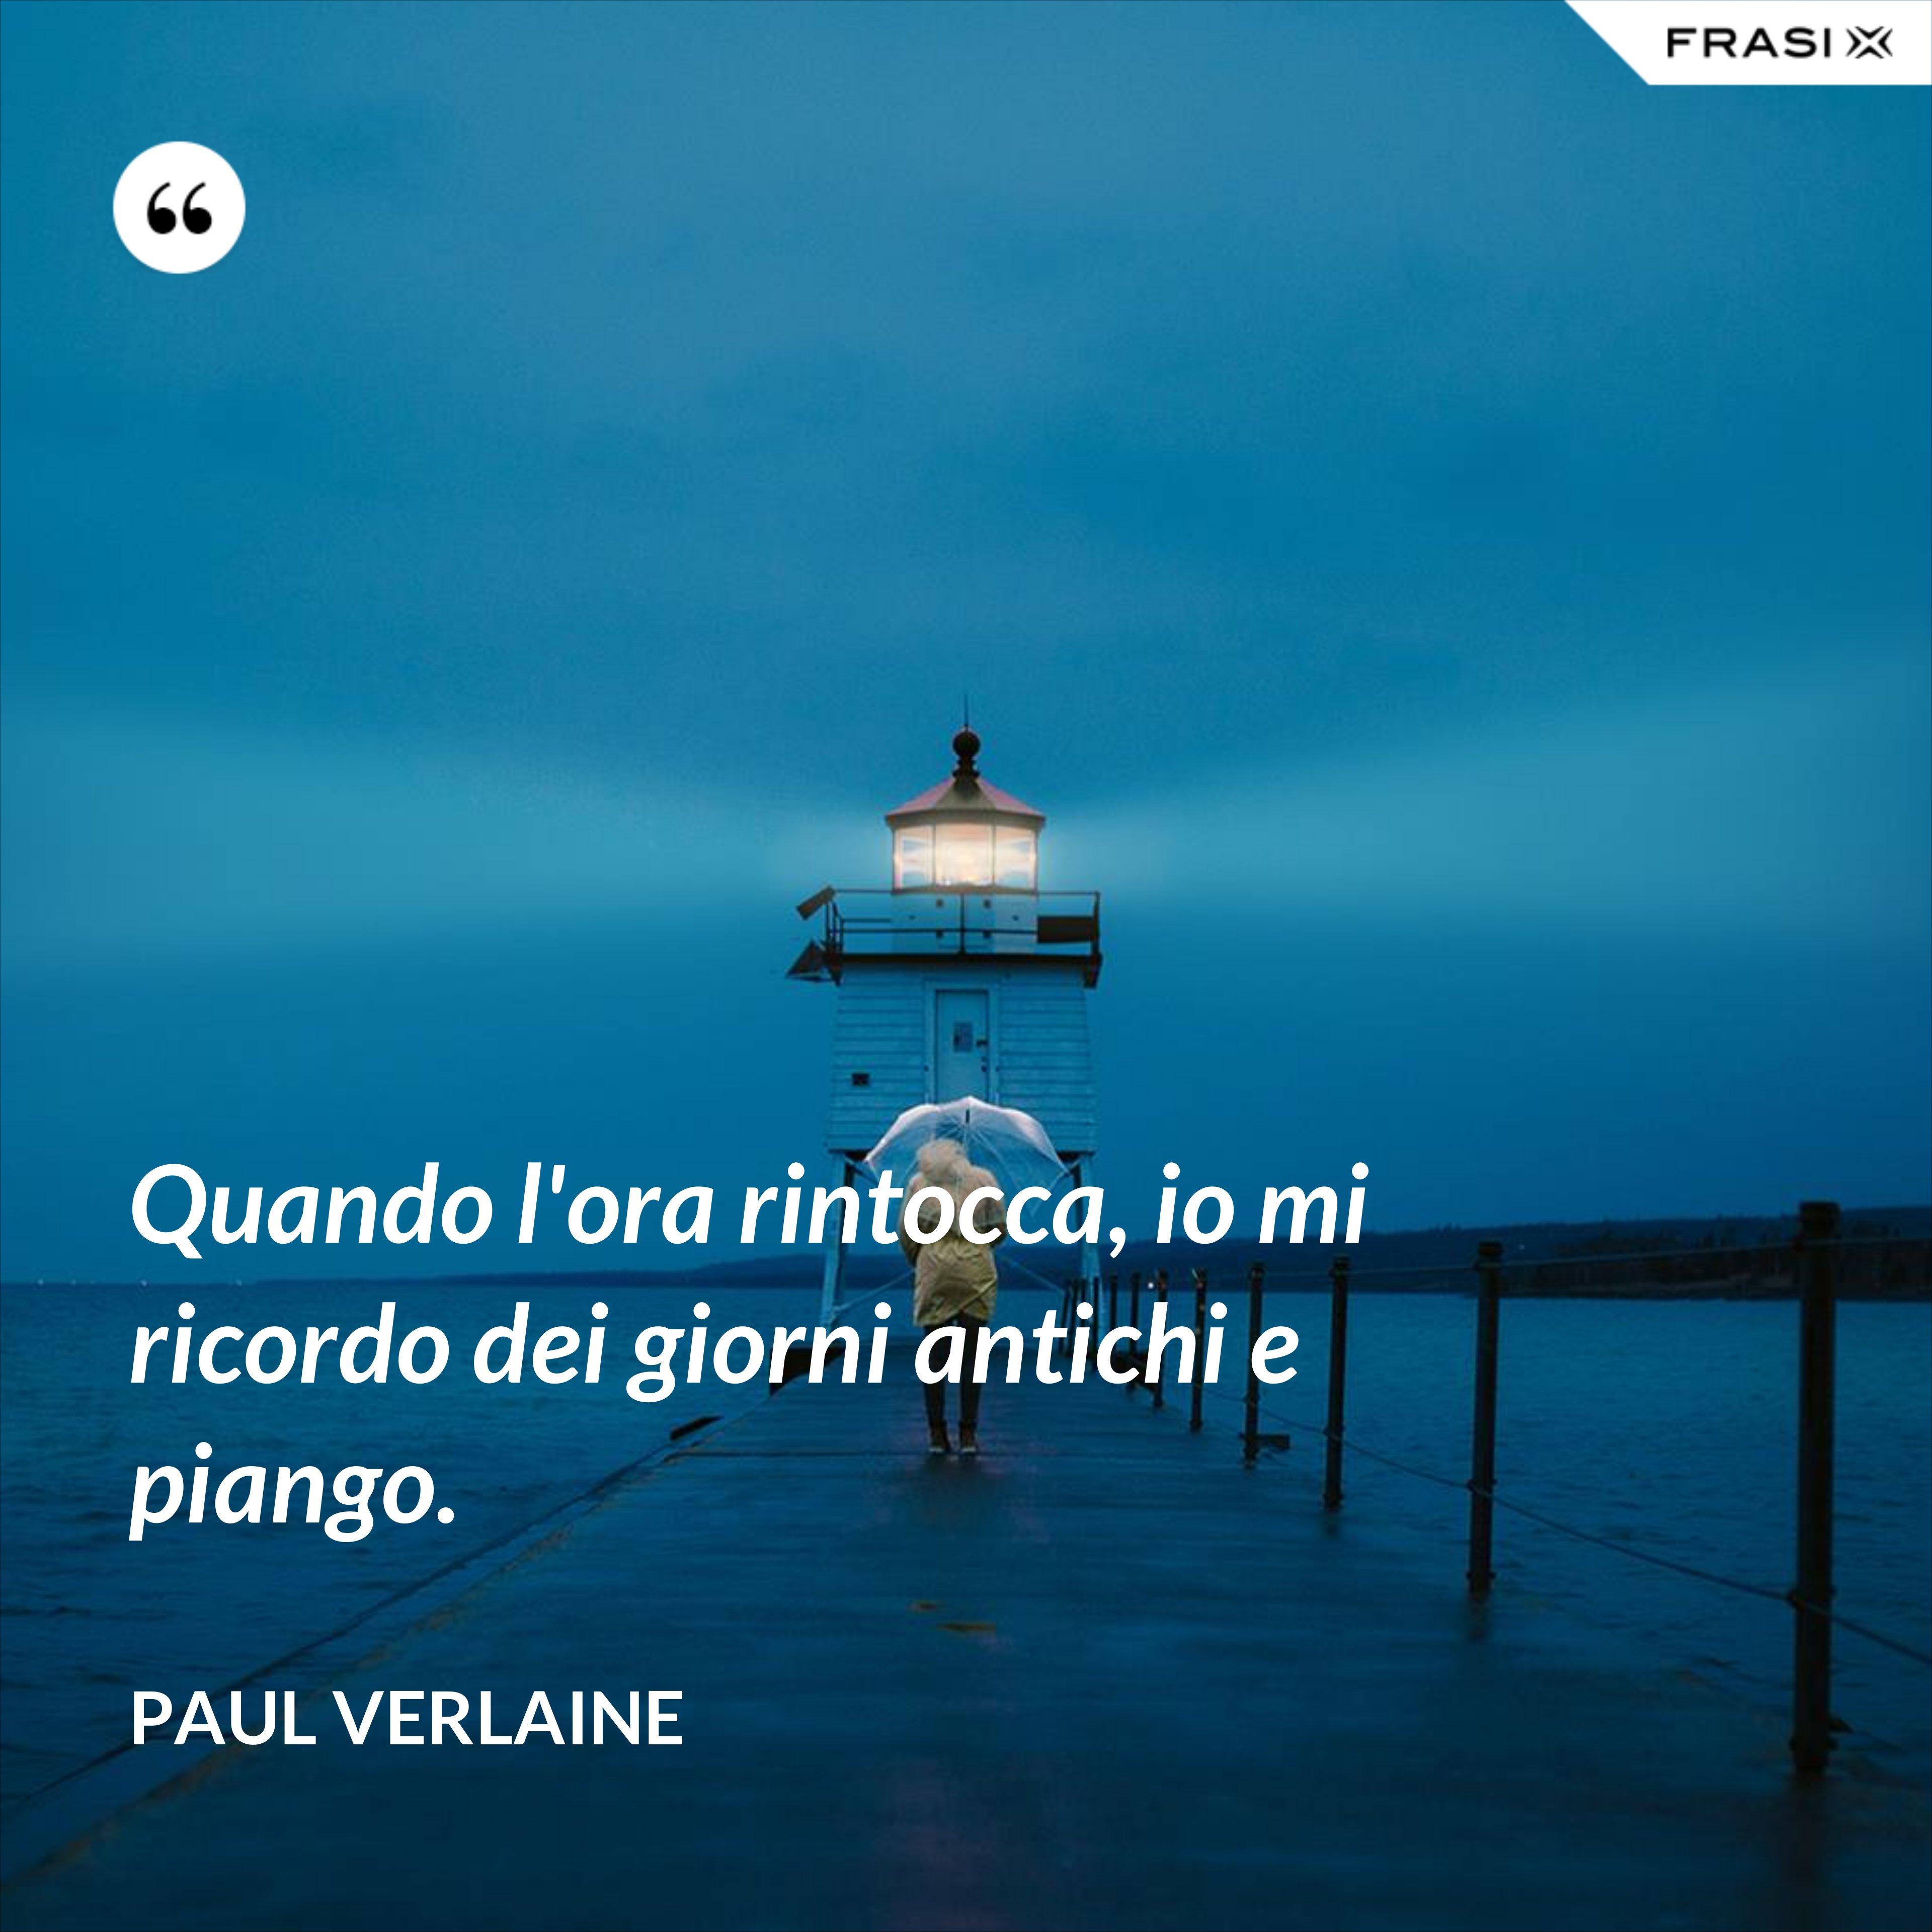 Quando l'ora rintocca, io mi ricordo dei giorni antichi e piango. - Paul Verlaine